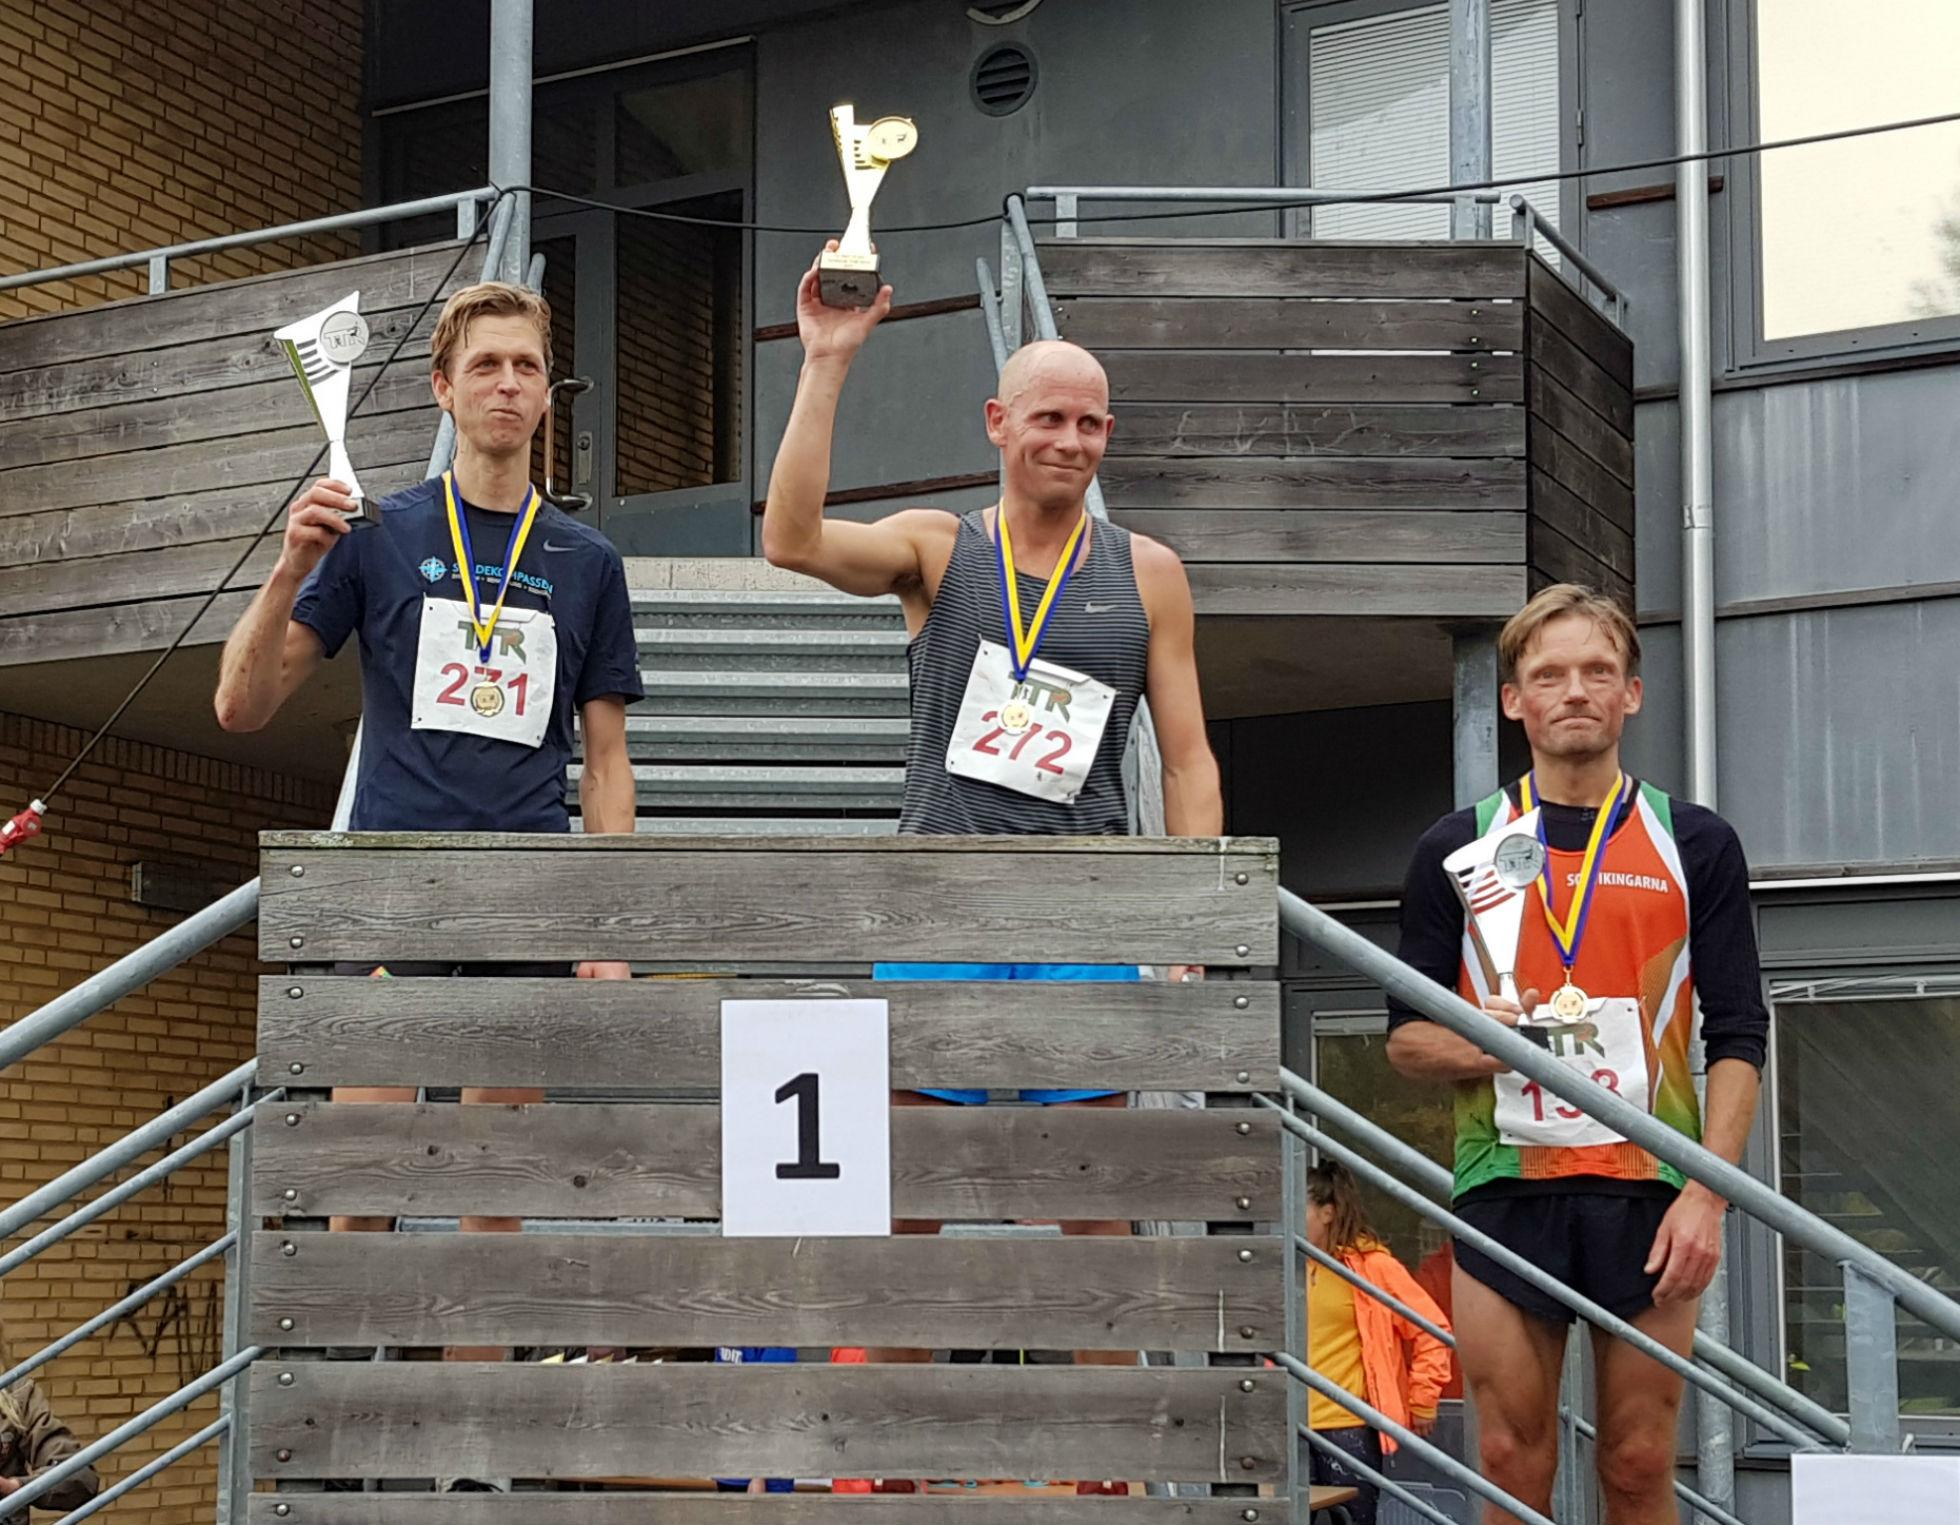 12km Herrar: 1:a Markus Bengtsson, 2:a Johannes Öhlin, 3:a Svante Lundgren